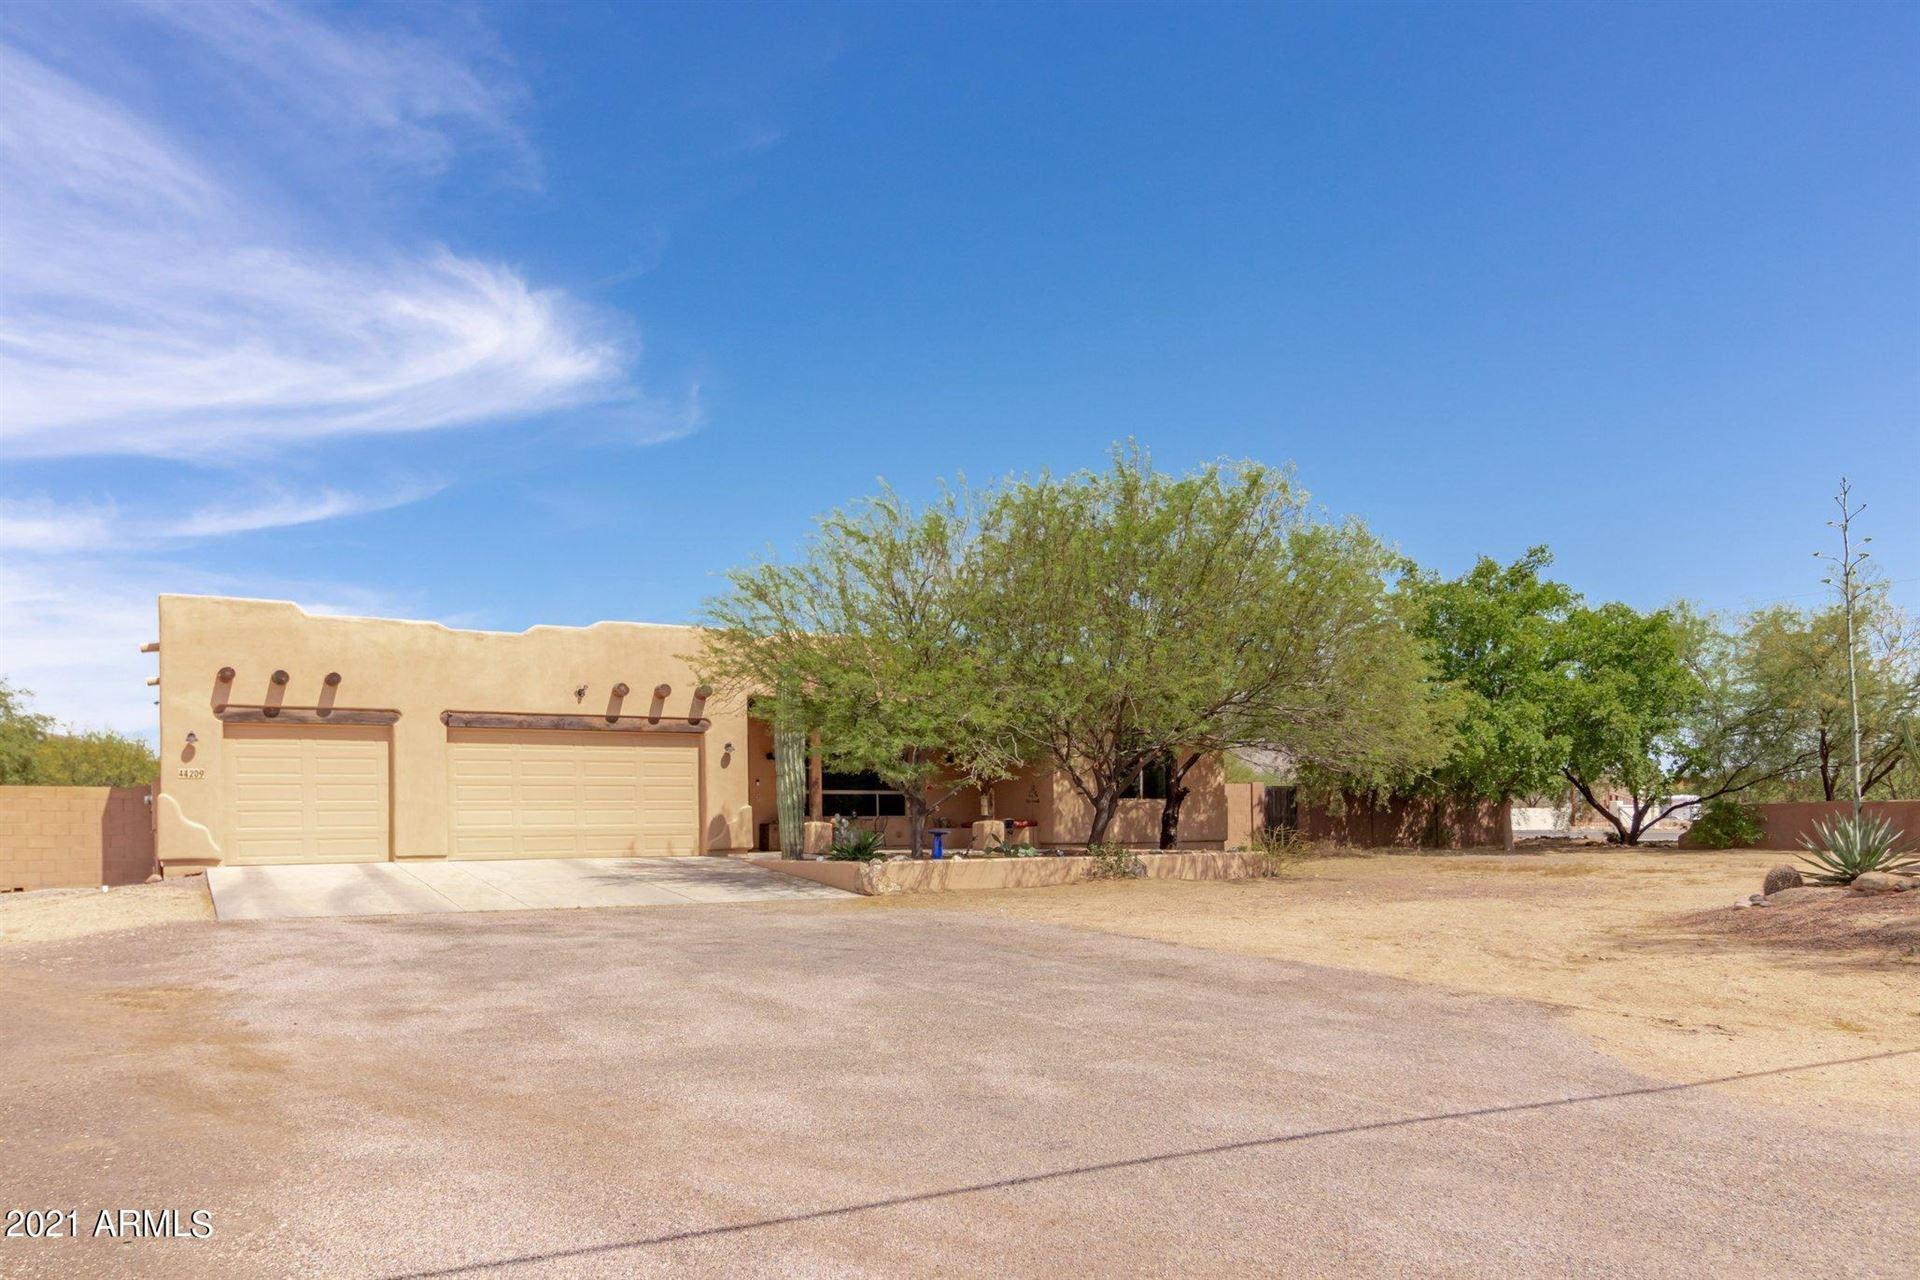 44209 N 12TH Street, New River, AZ 85087 - MLS#: 6249911